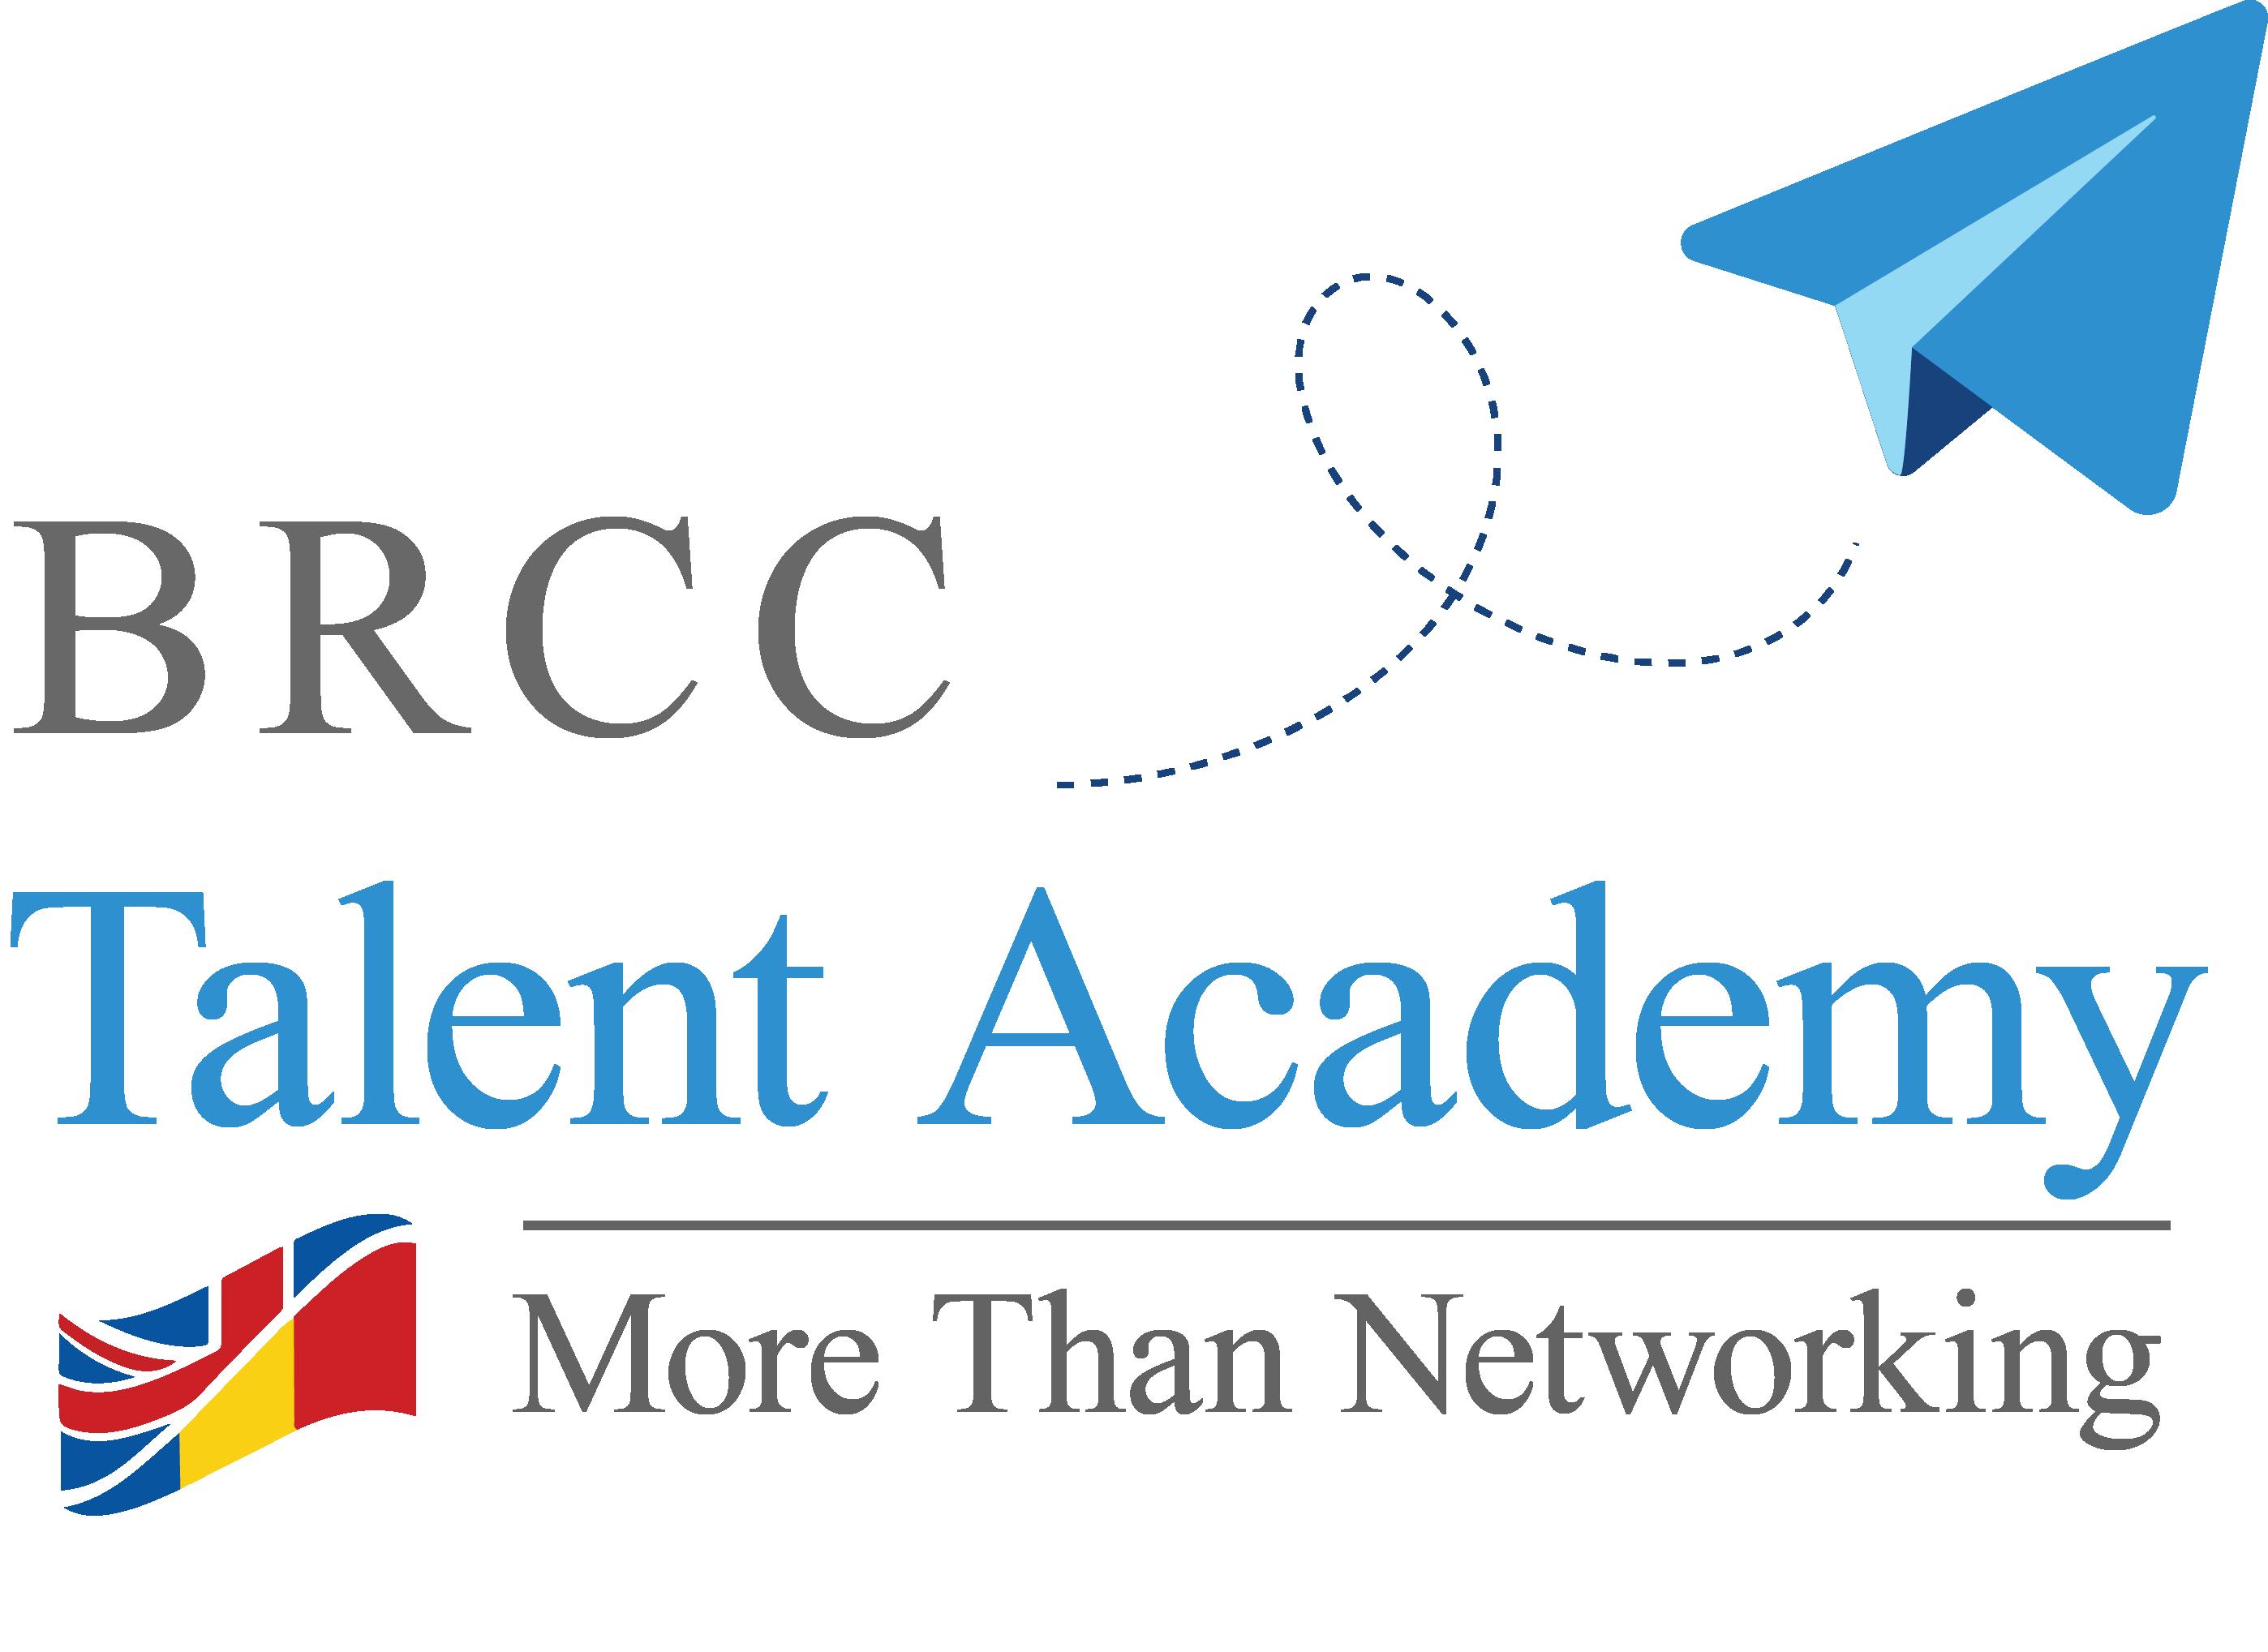 BRCC TALENT ACADEMY